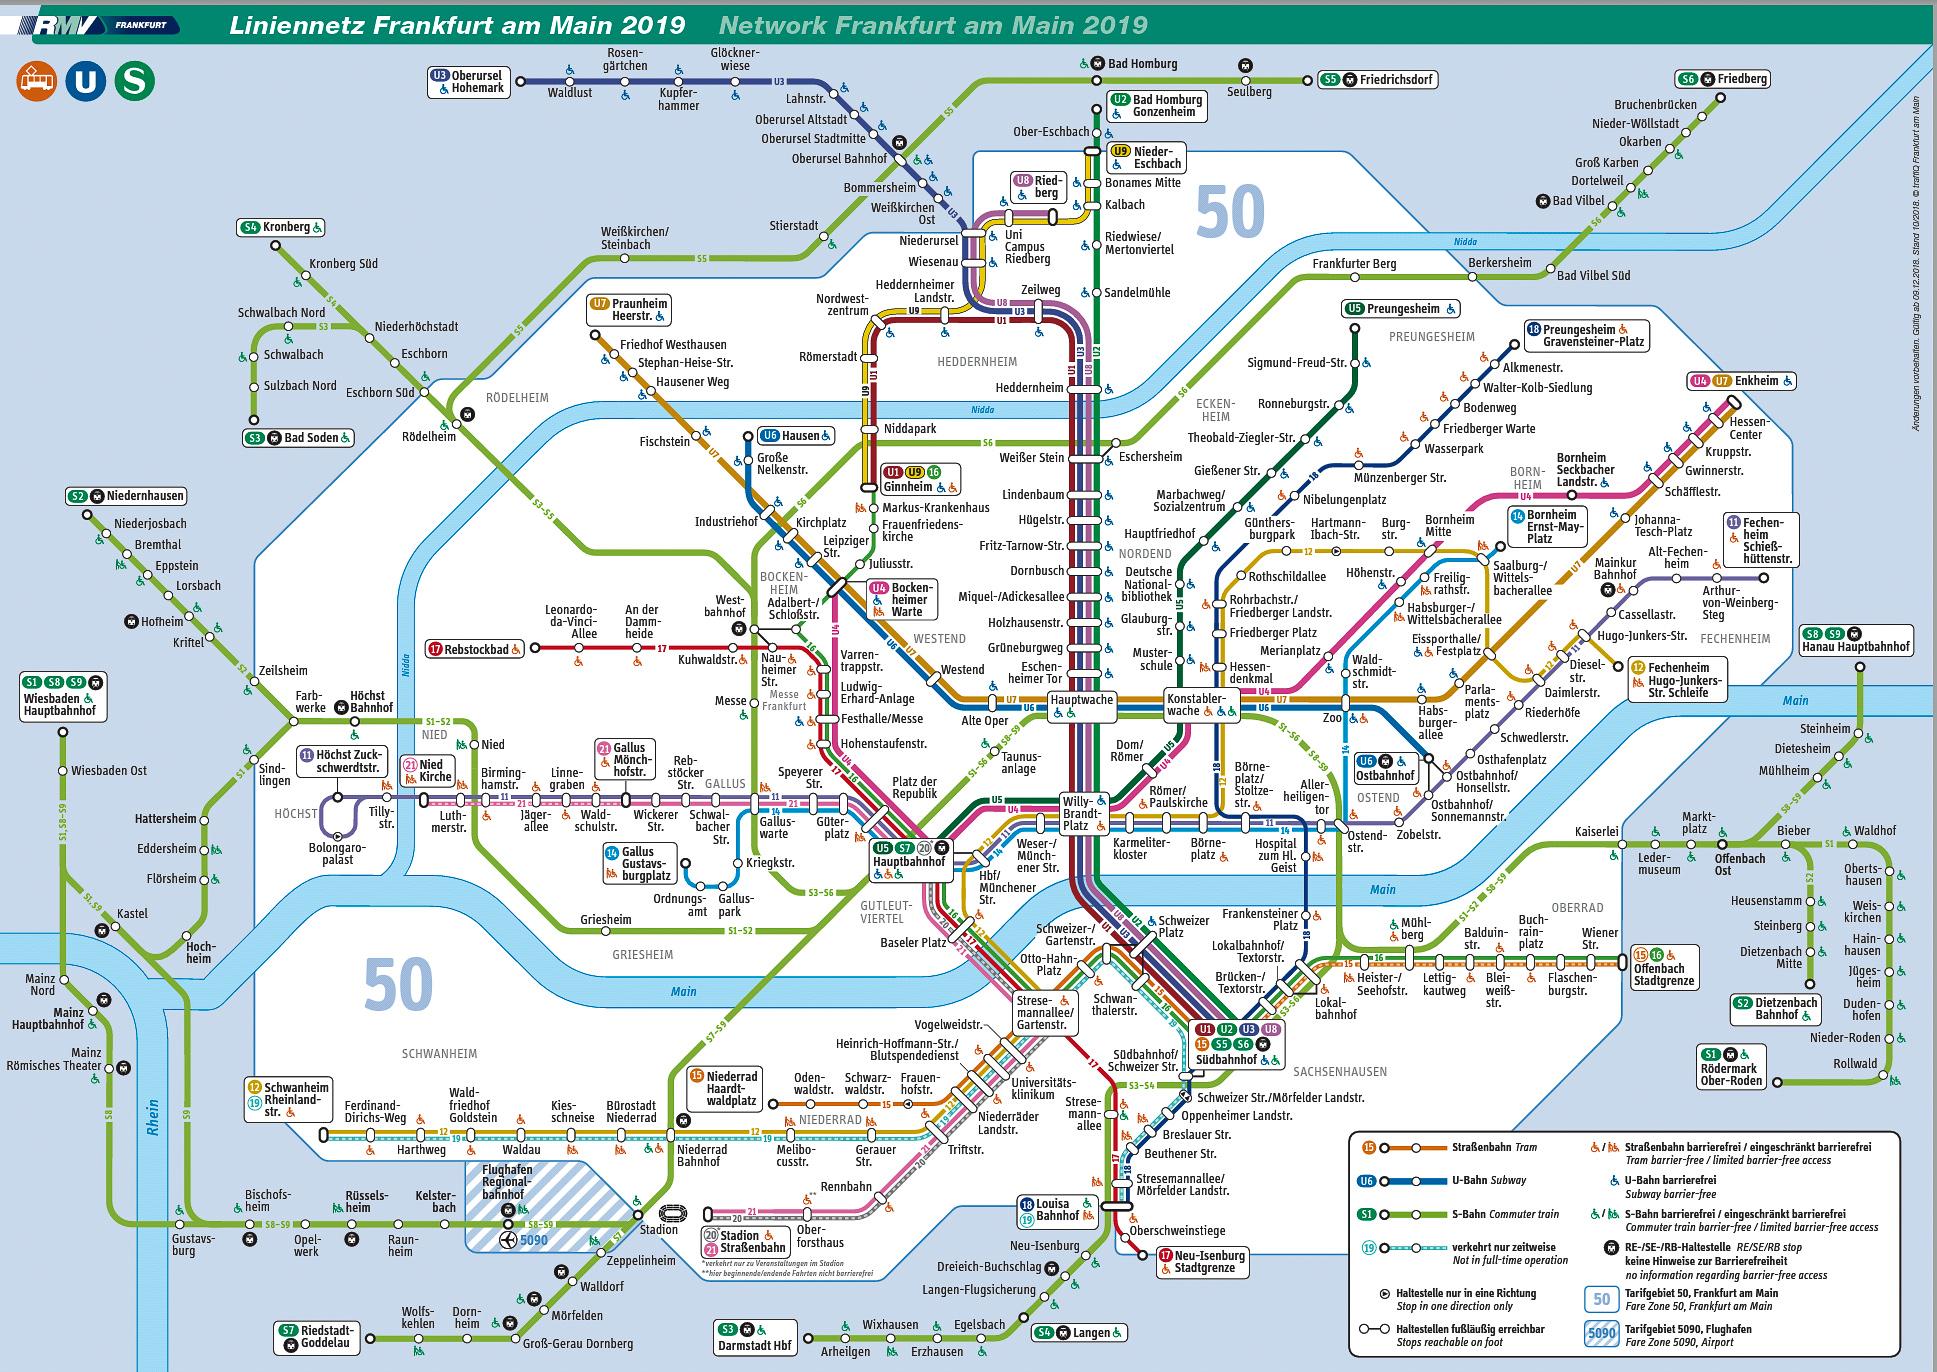 フランクフルトRMVの電車、地下鉄、路面電車の利用法